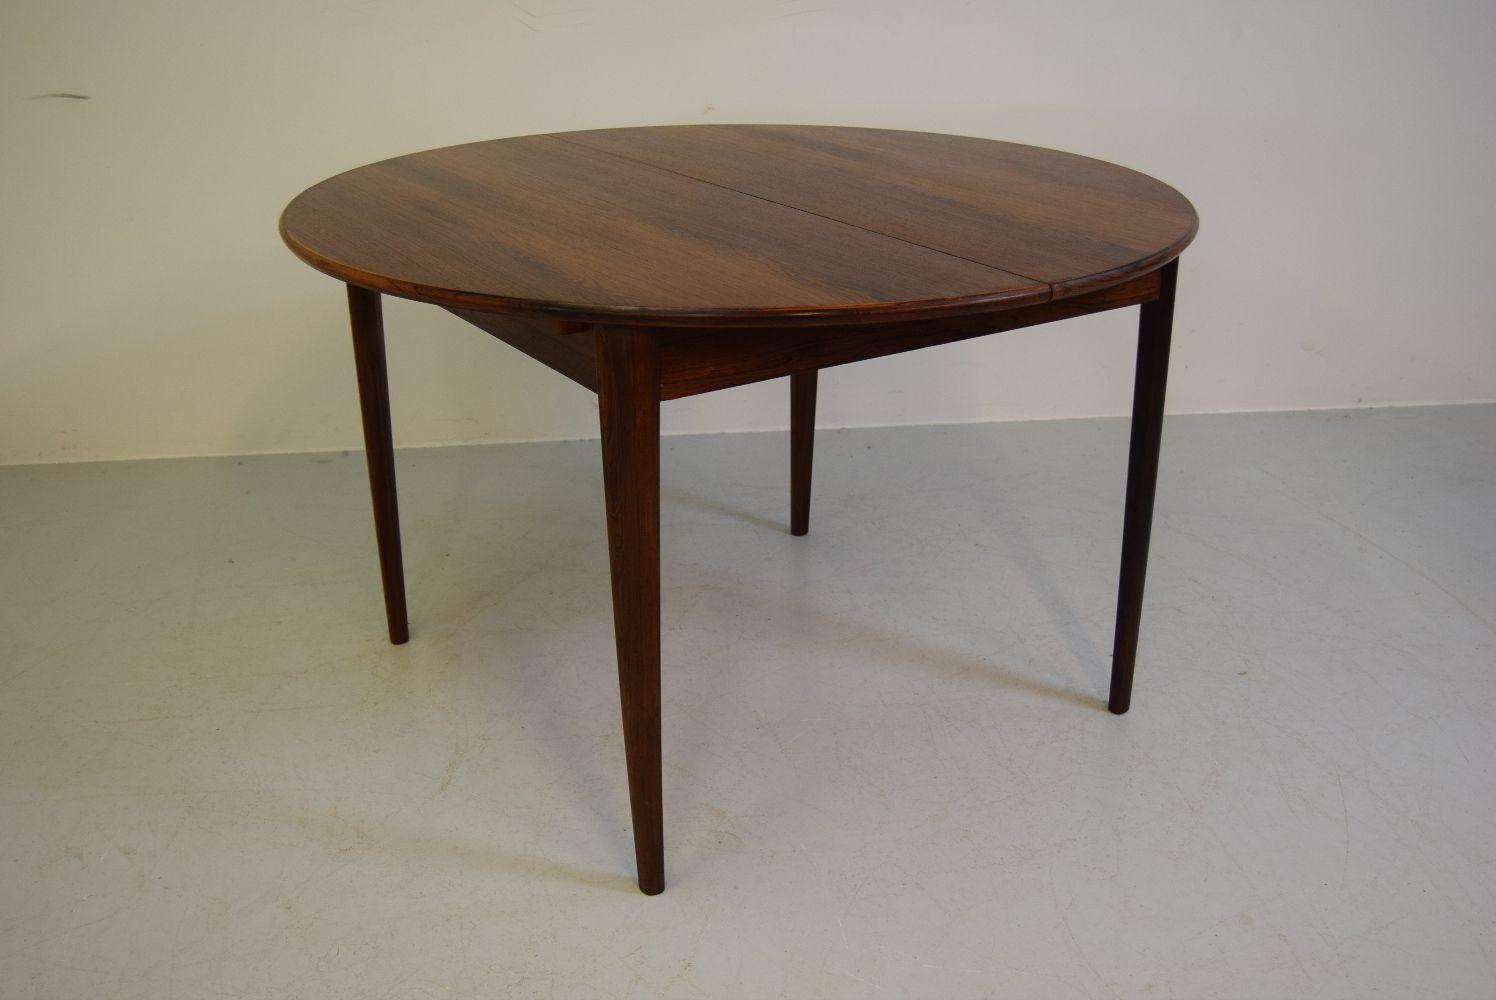 Model 38 dining table by rosengren hansen for brande for Tinning table model